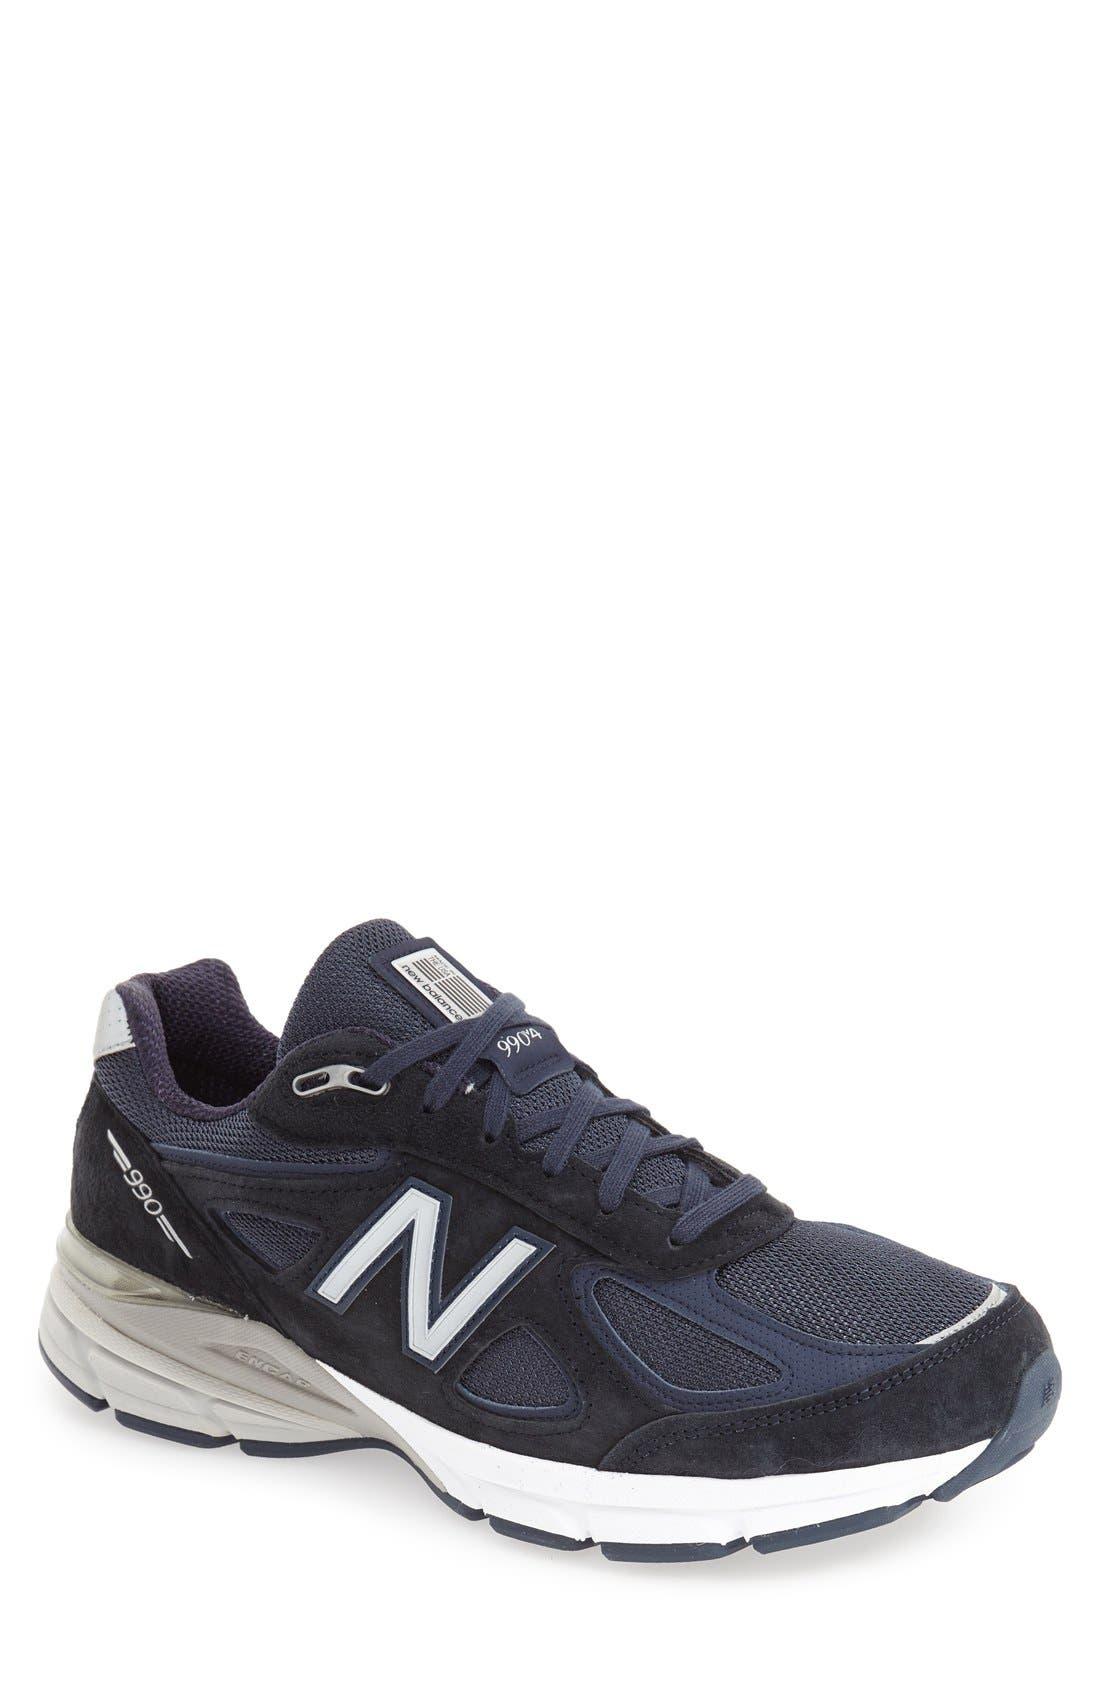 NEW BALANCE, '990' Running Shoe, Main thumbnail 1, color, NAVY